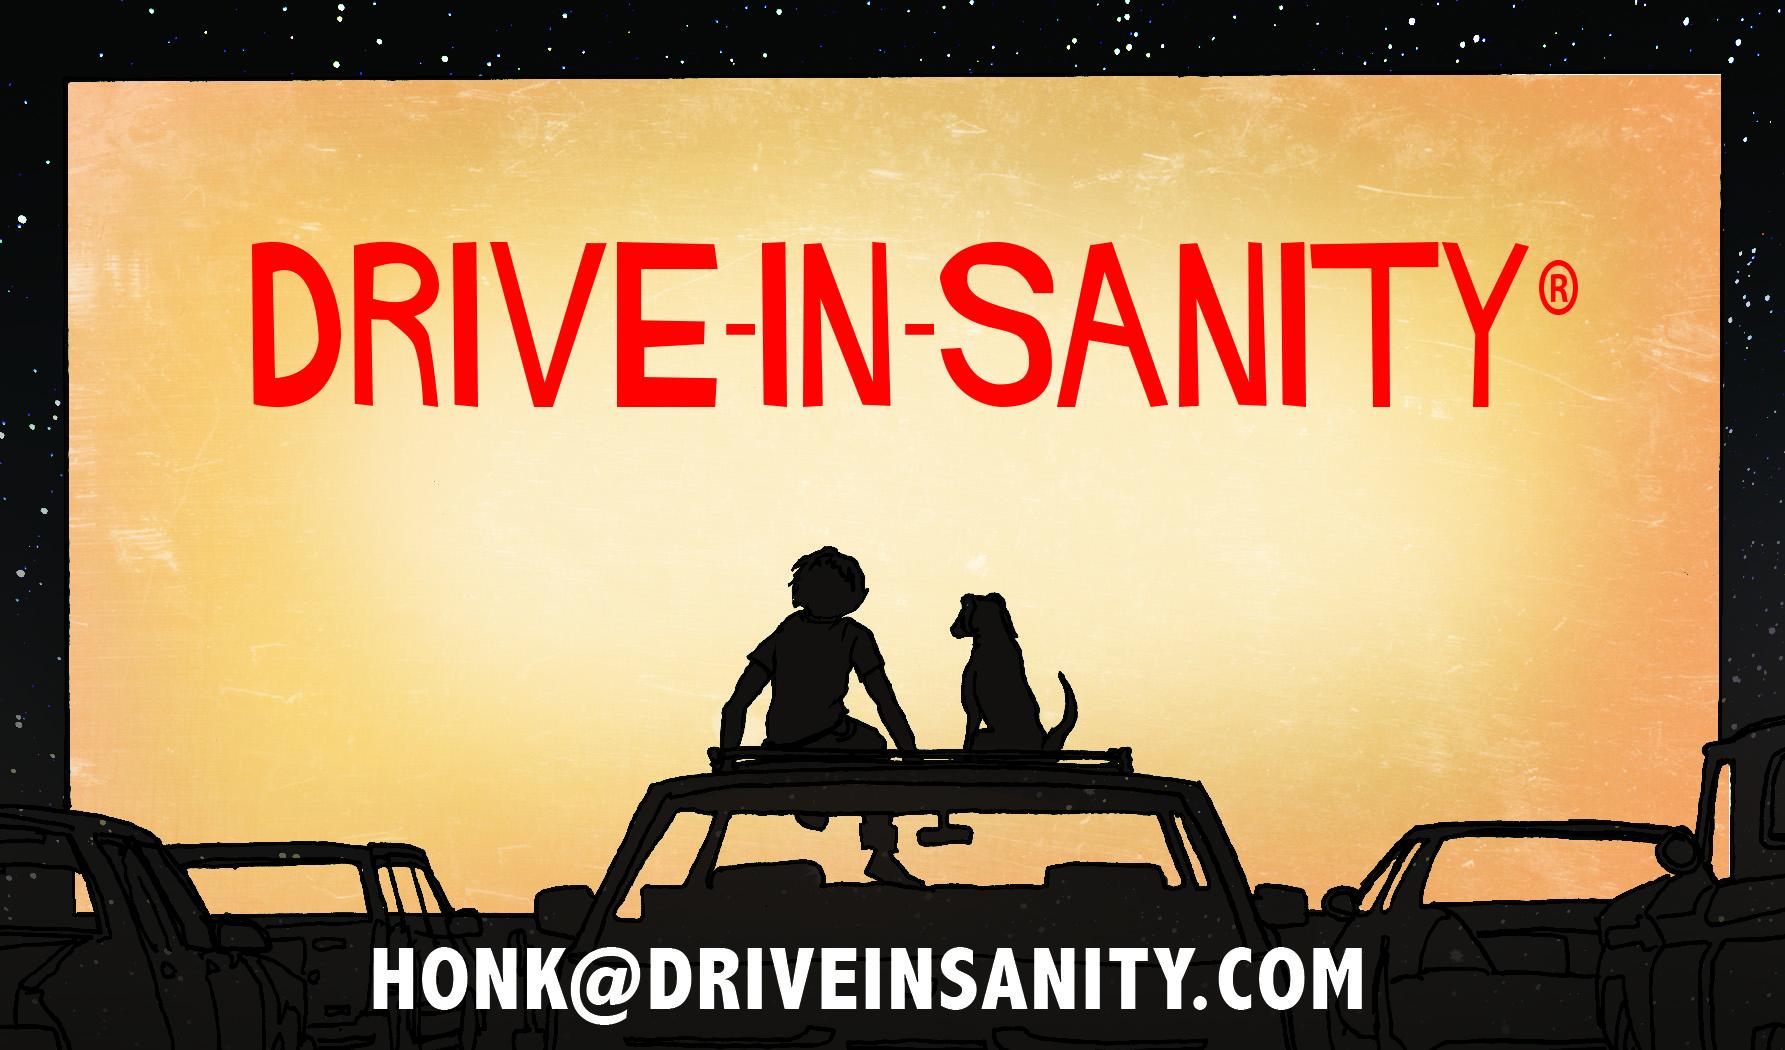 DRIVEINSANITYEMAIL